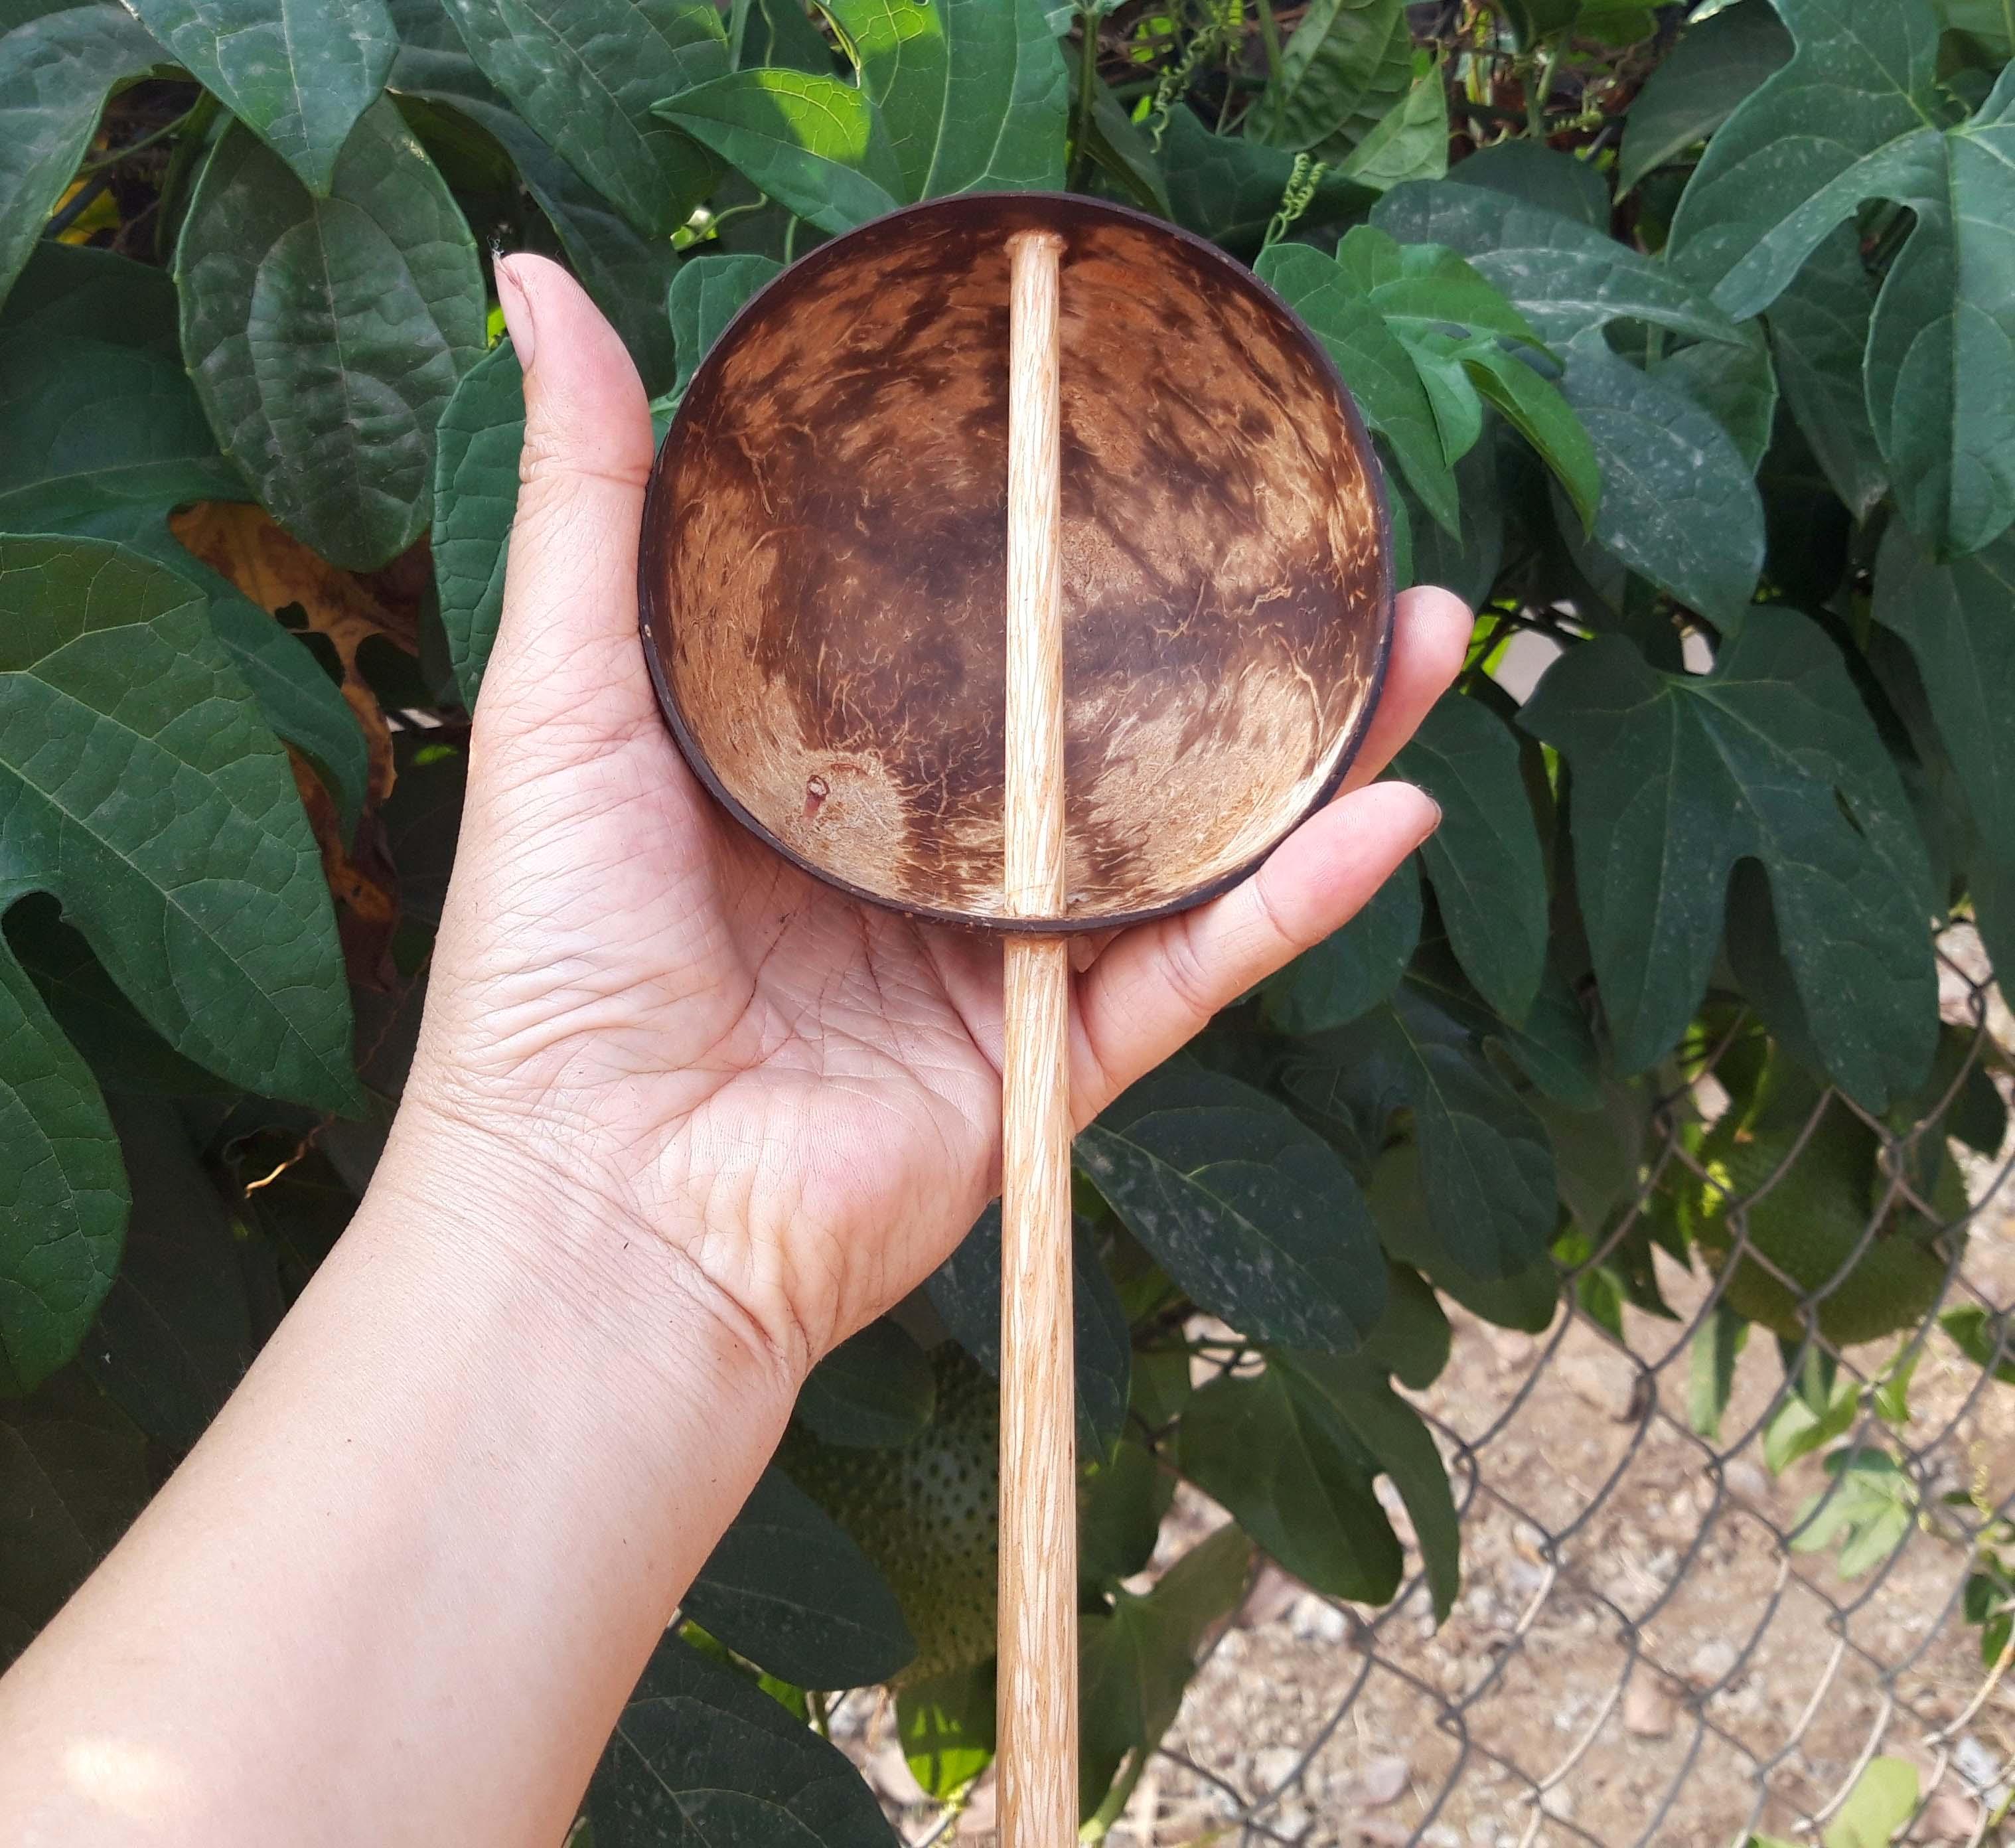 Gáo dừa múc bột tráng bánh cuốn gáo dừa YESCOCO XƯỞNG SX